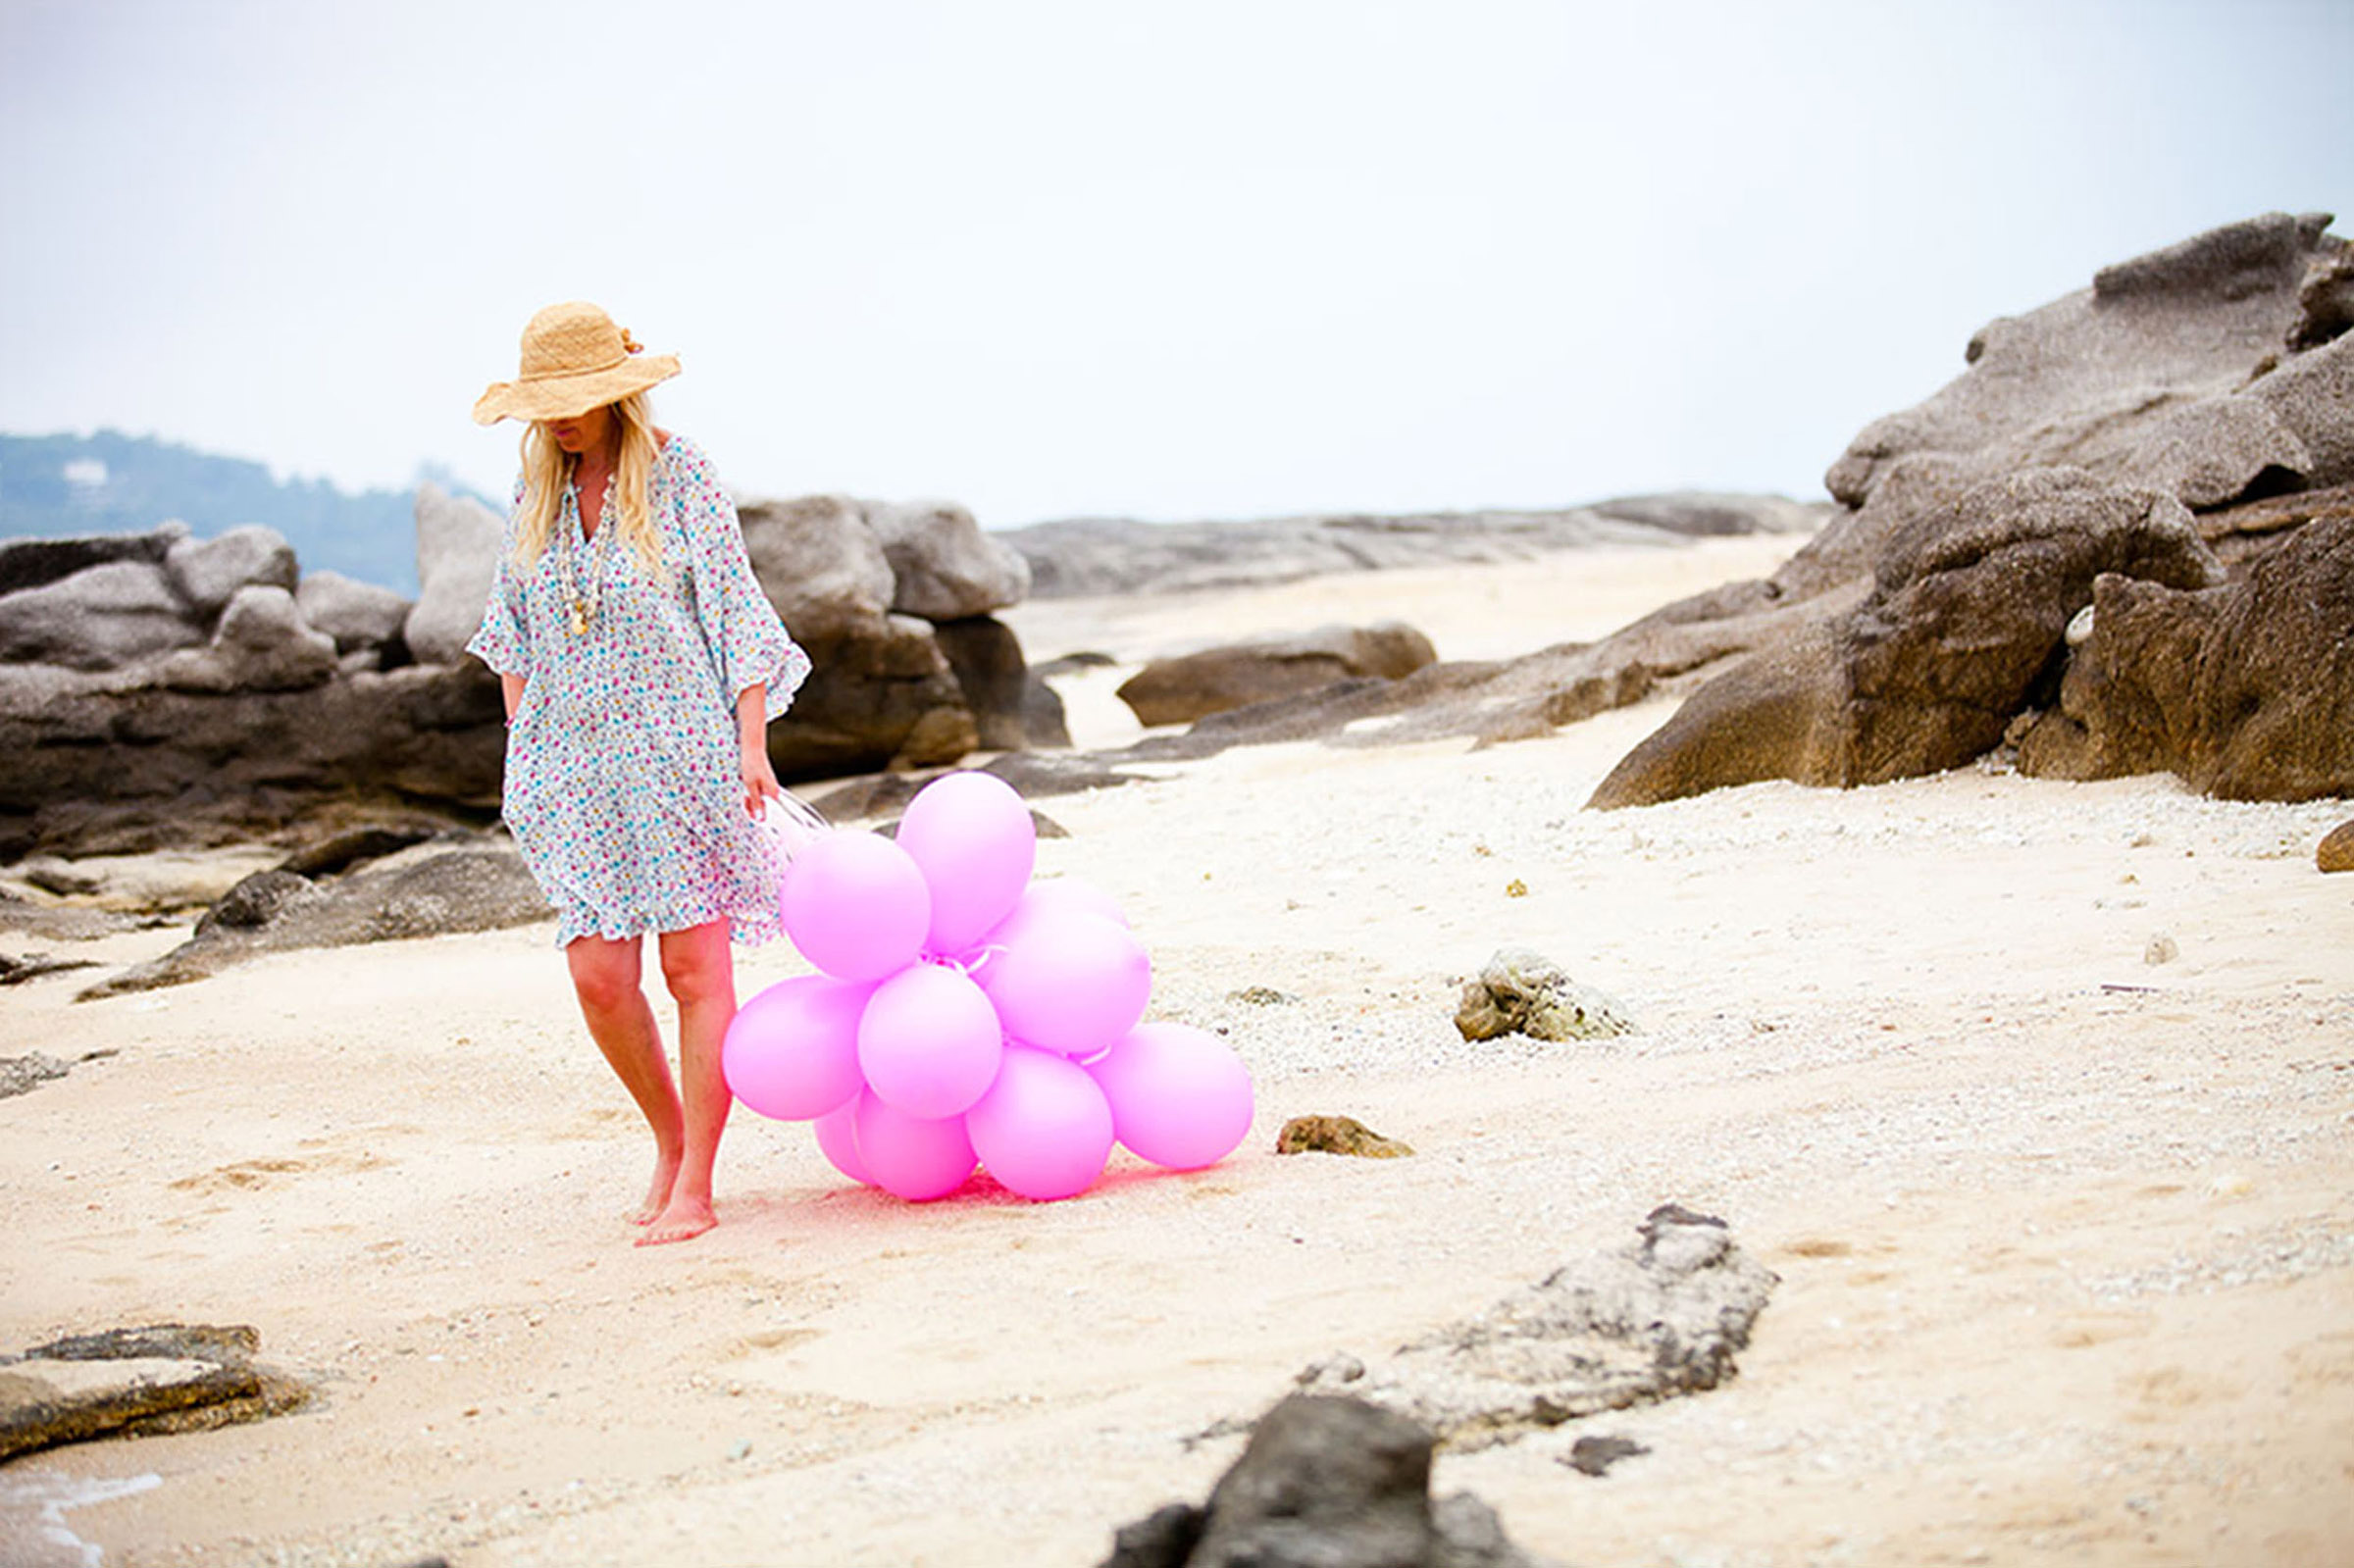 kvinna-med-ballonger-pa-strand-thailand-chilloutnorway